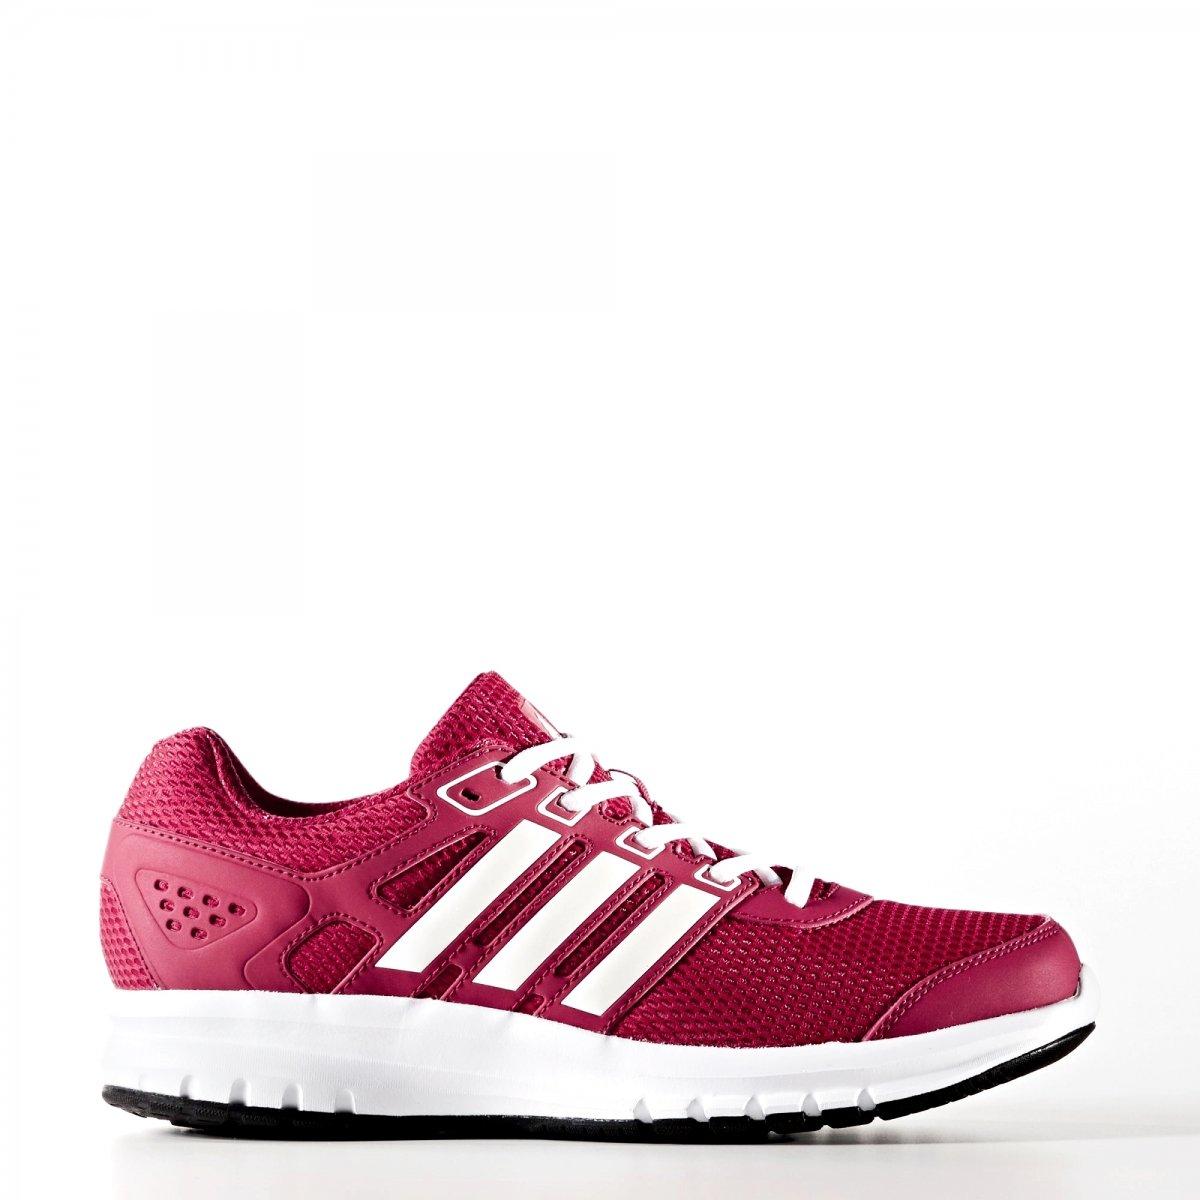 2c19c52c0a1 Tênis Feminino Adidas Duramo Lite W BA8113 - Pink Branco - Calçados ...